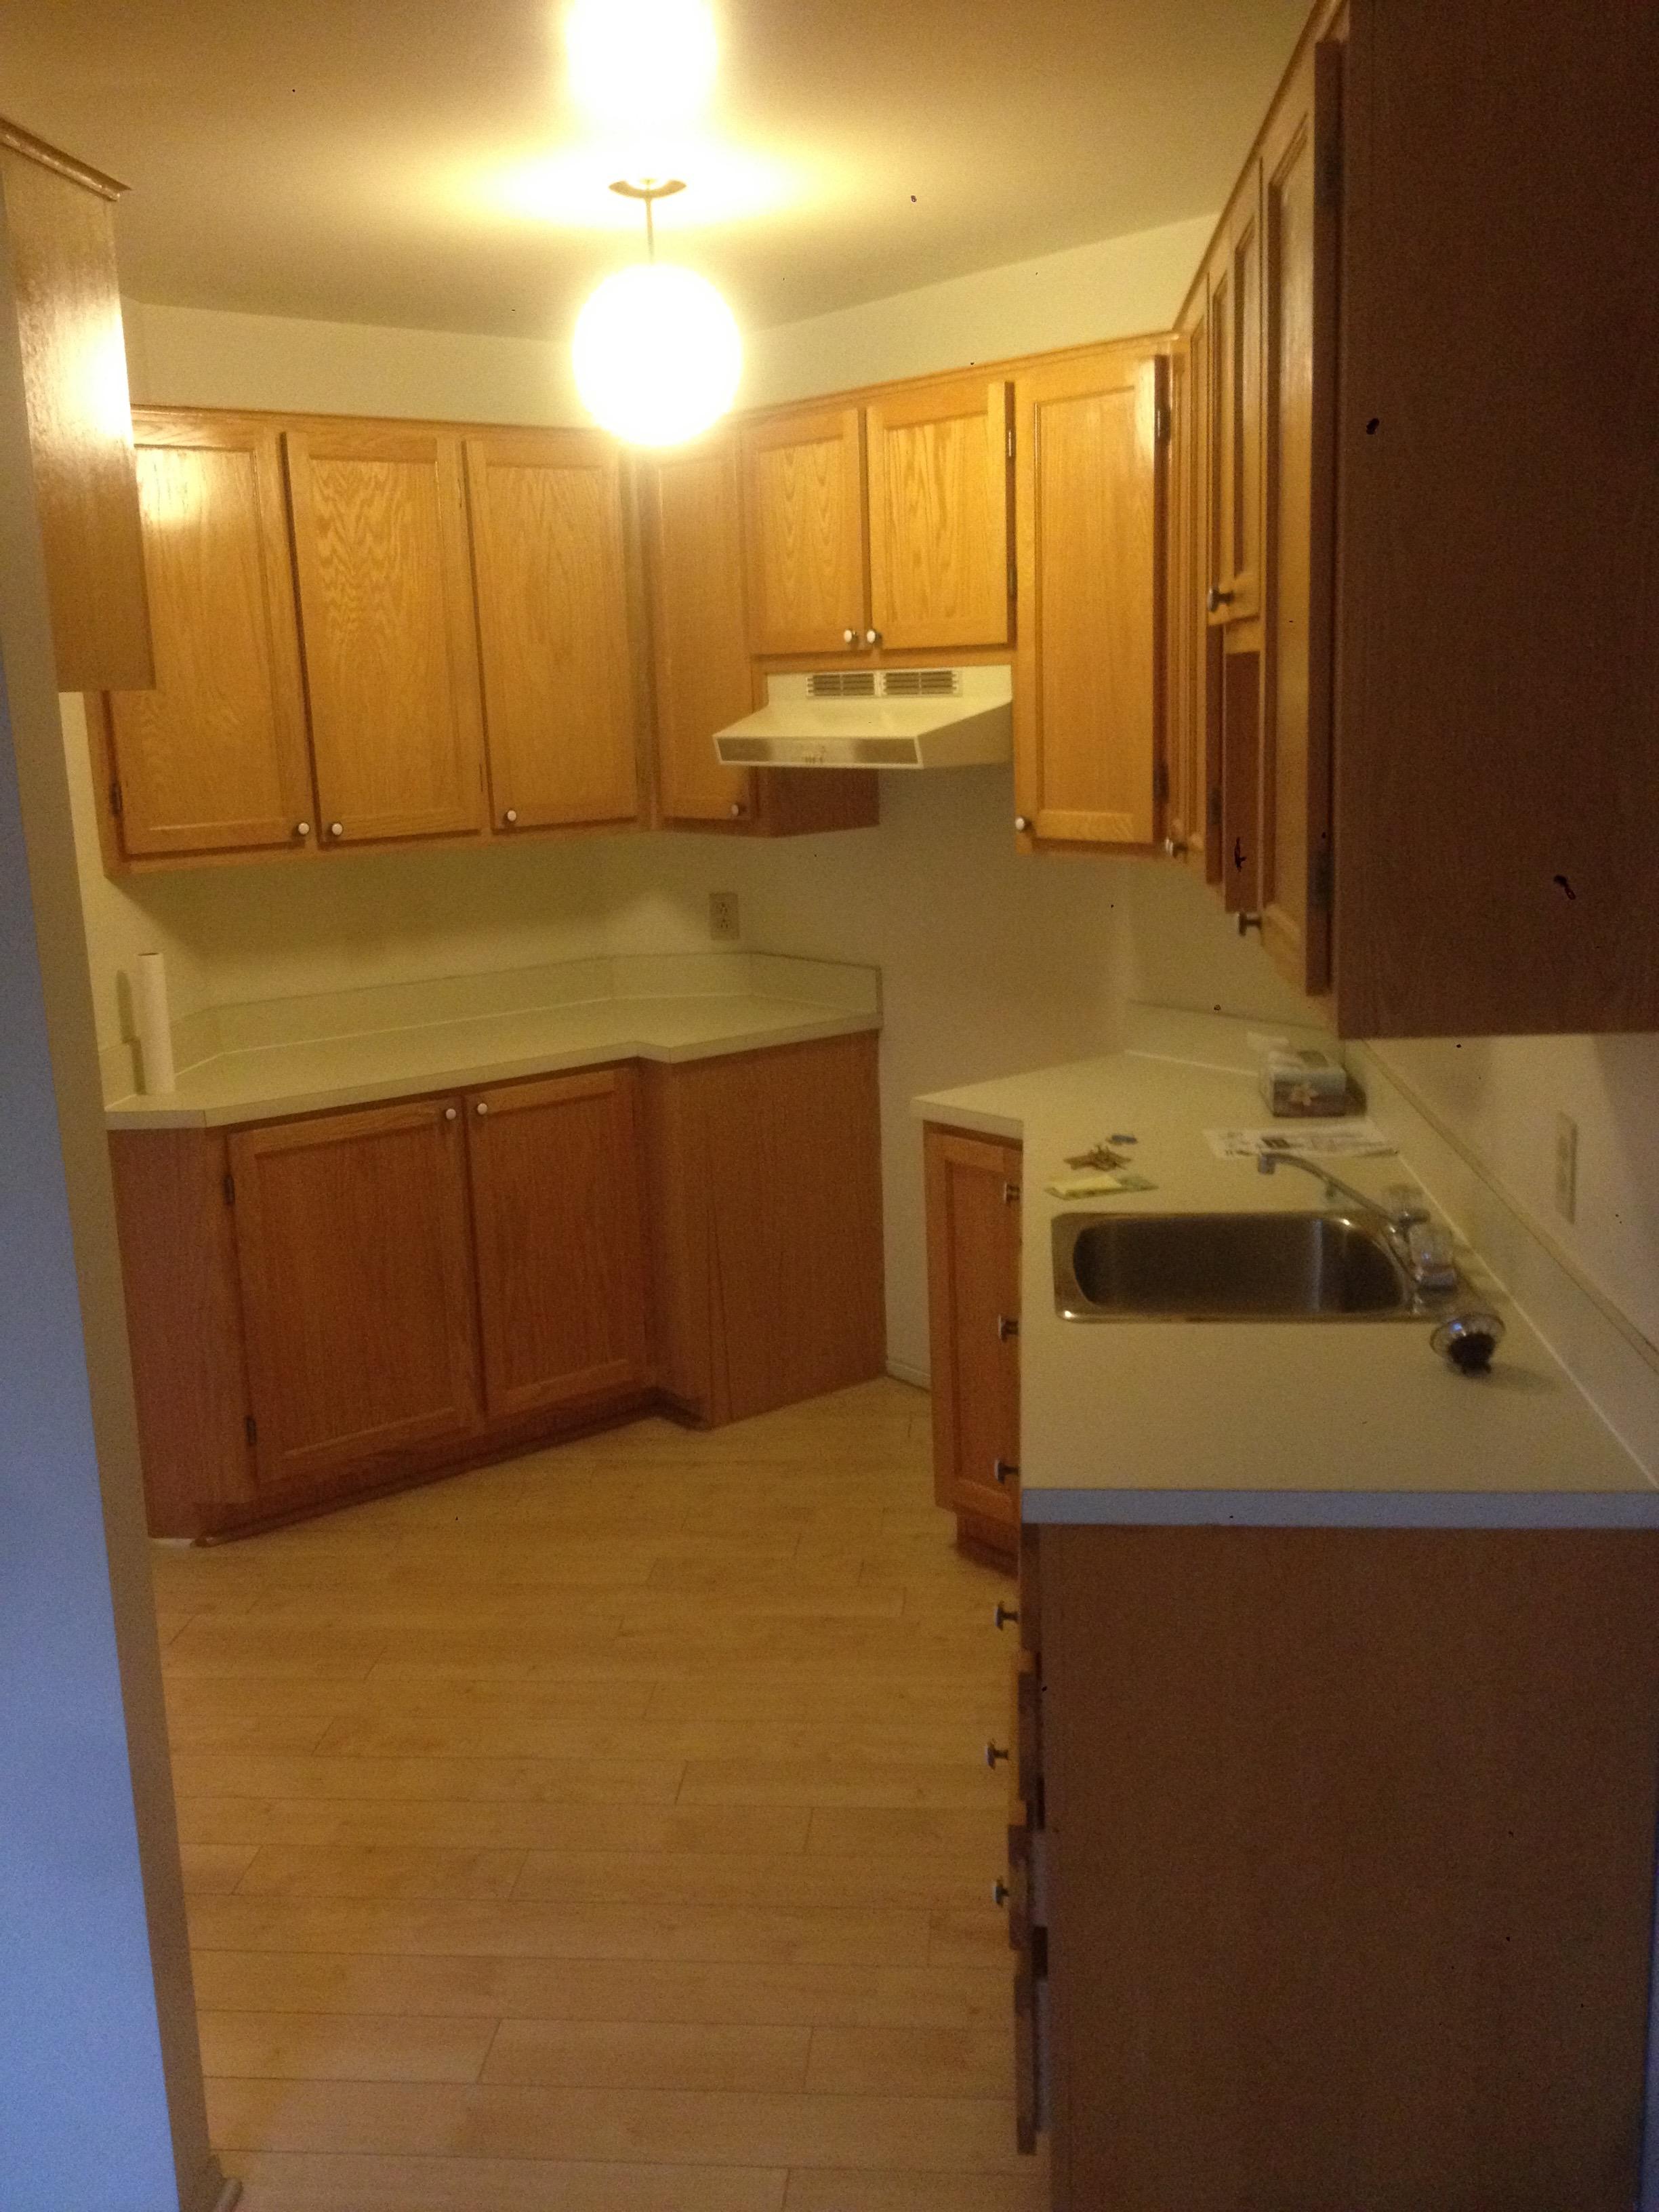 2 bedroom Apartments for rent in Sainte-Anne-de-Bellevue at Maple - Photo 05 - RentersPages – L112103